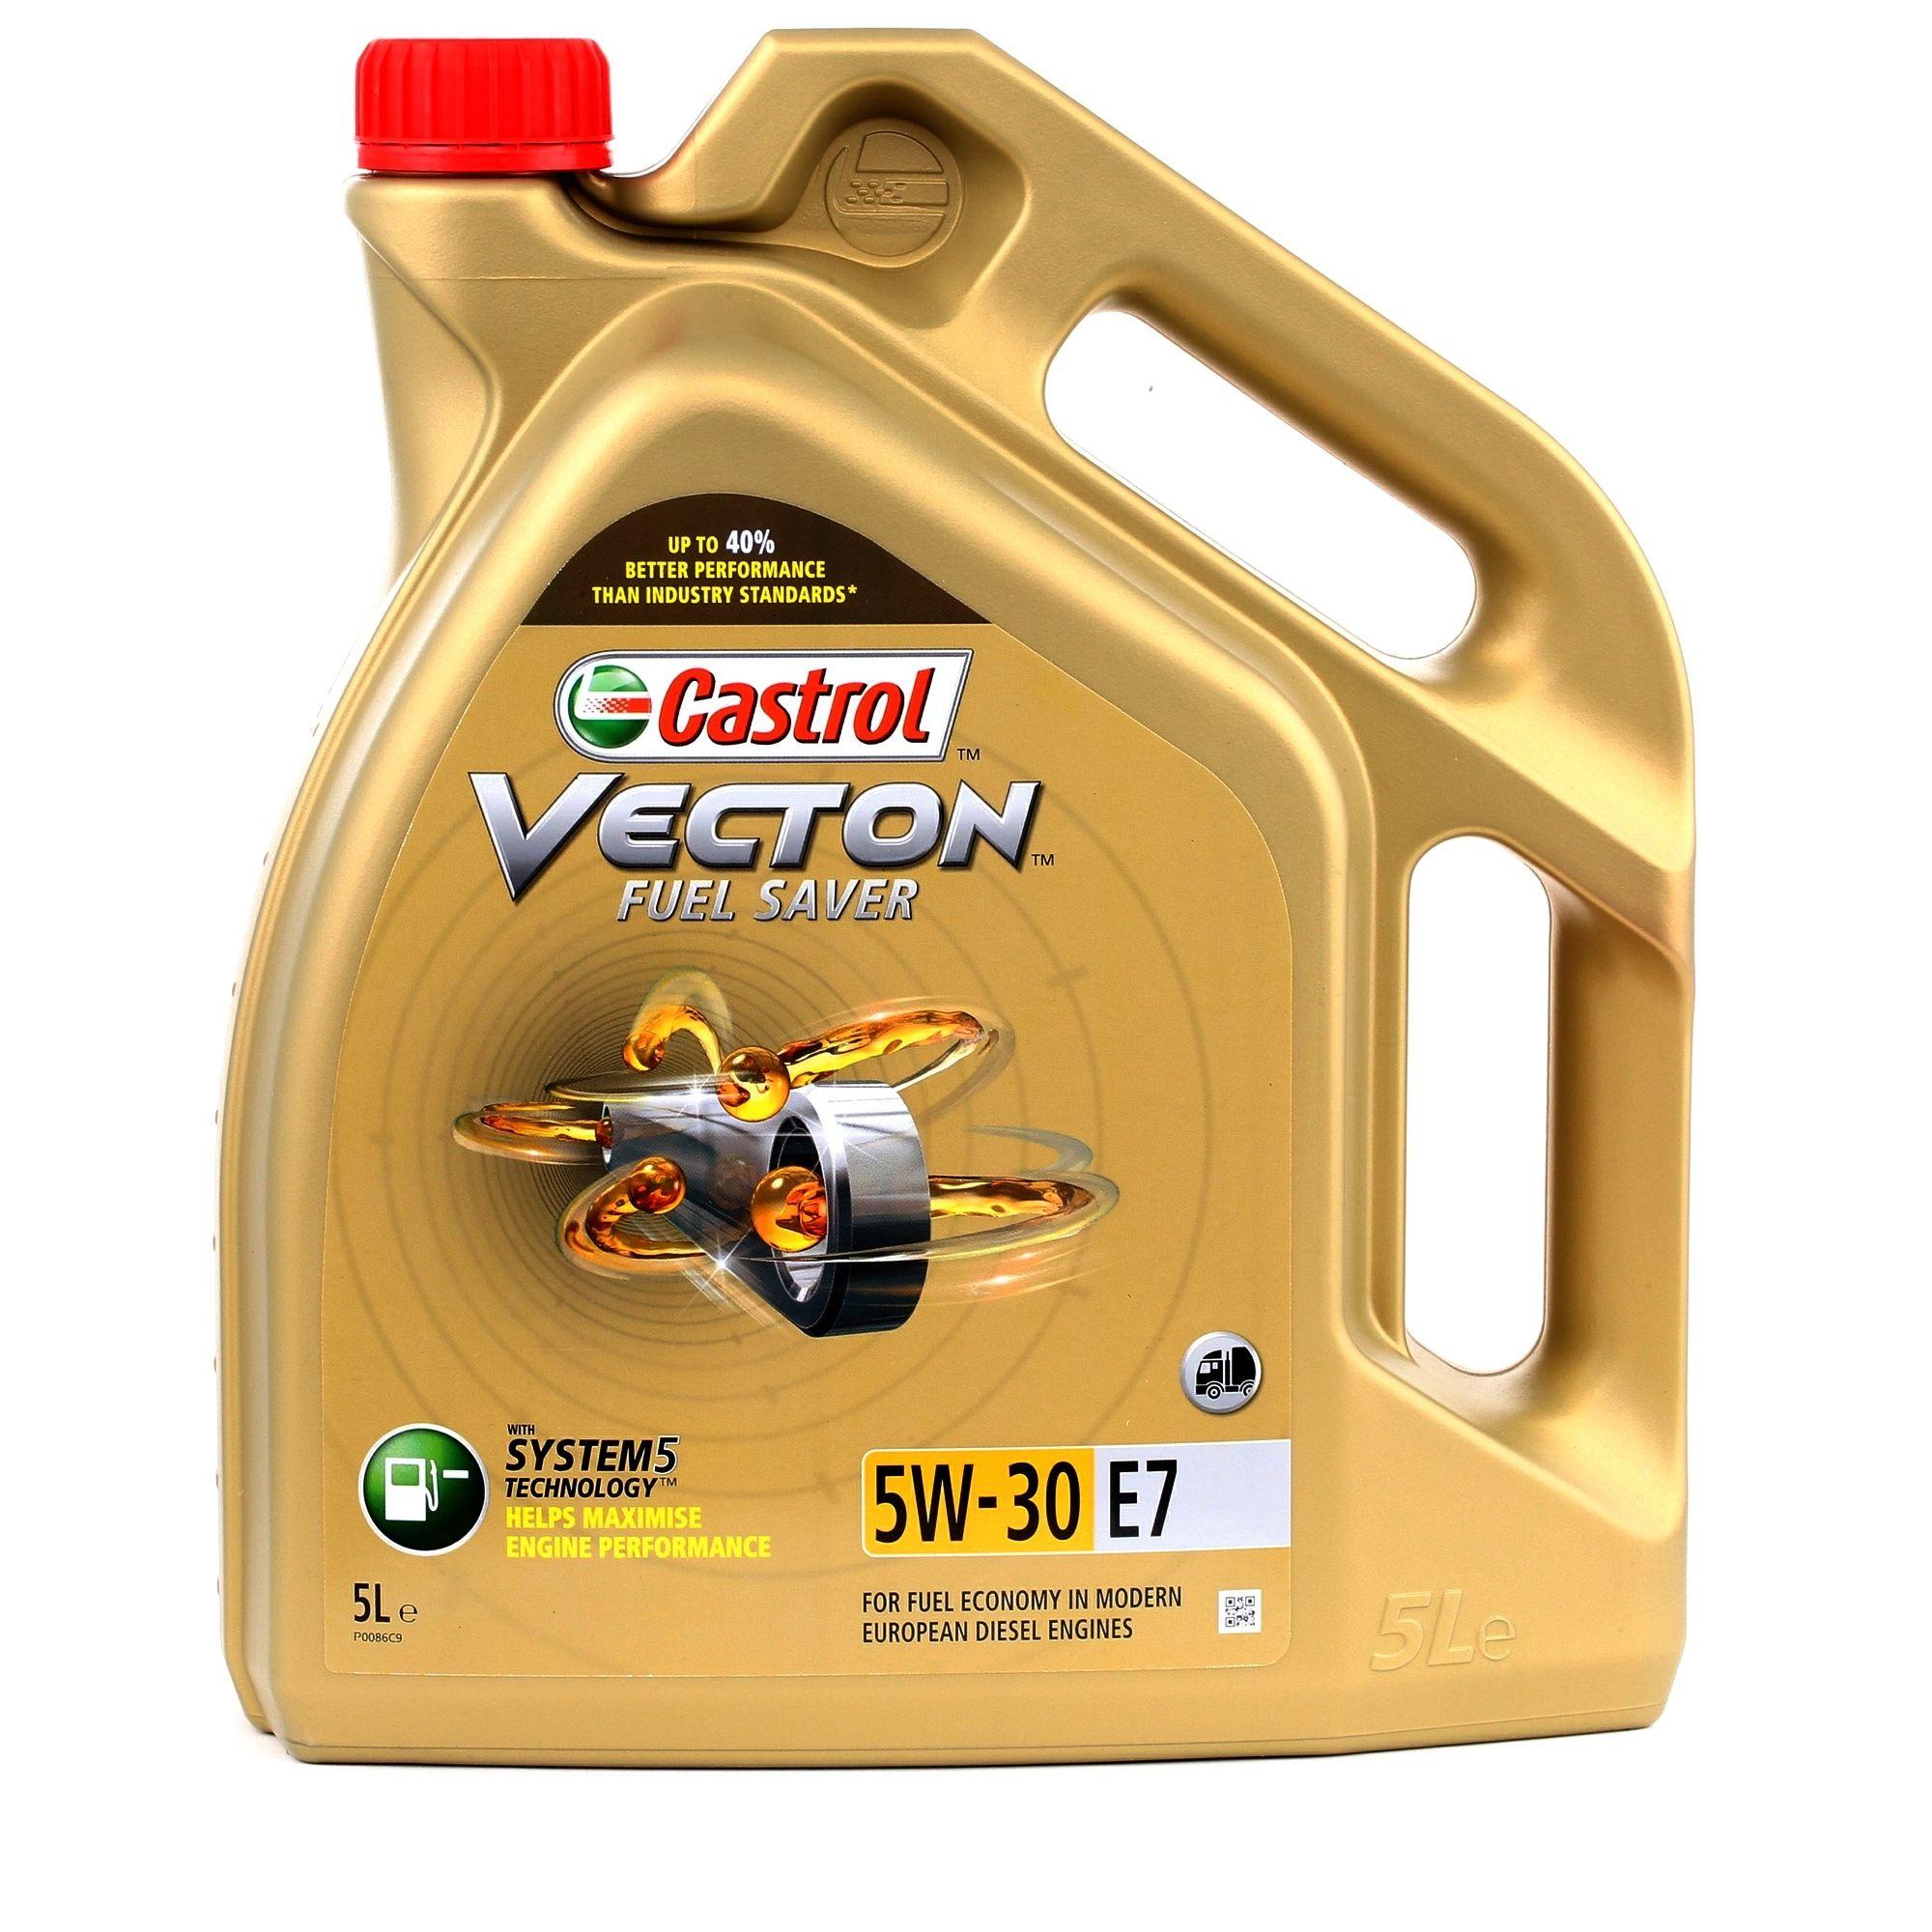 Køb ACEADieselE7 CASTROL Vecton, Fuel Saver E7 5W-30, 5l Motorolie 154C31 billige